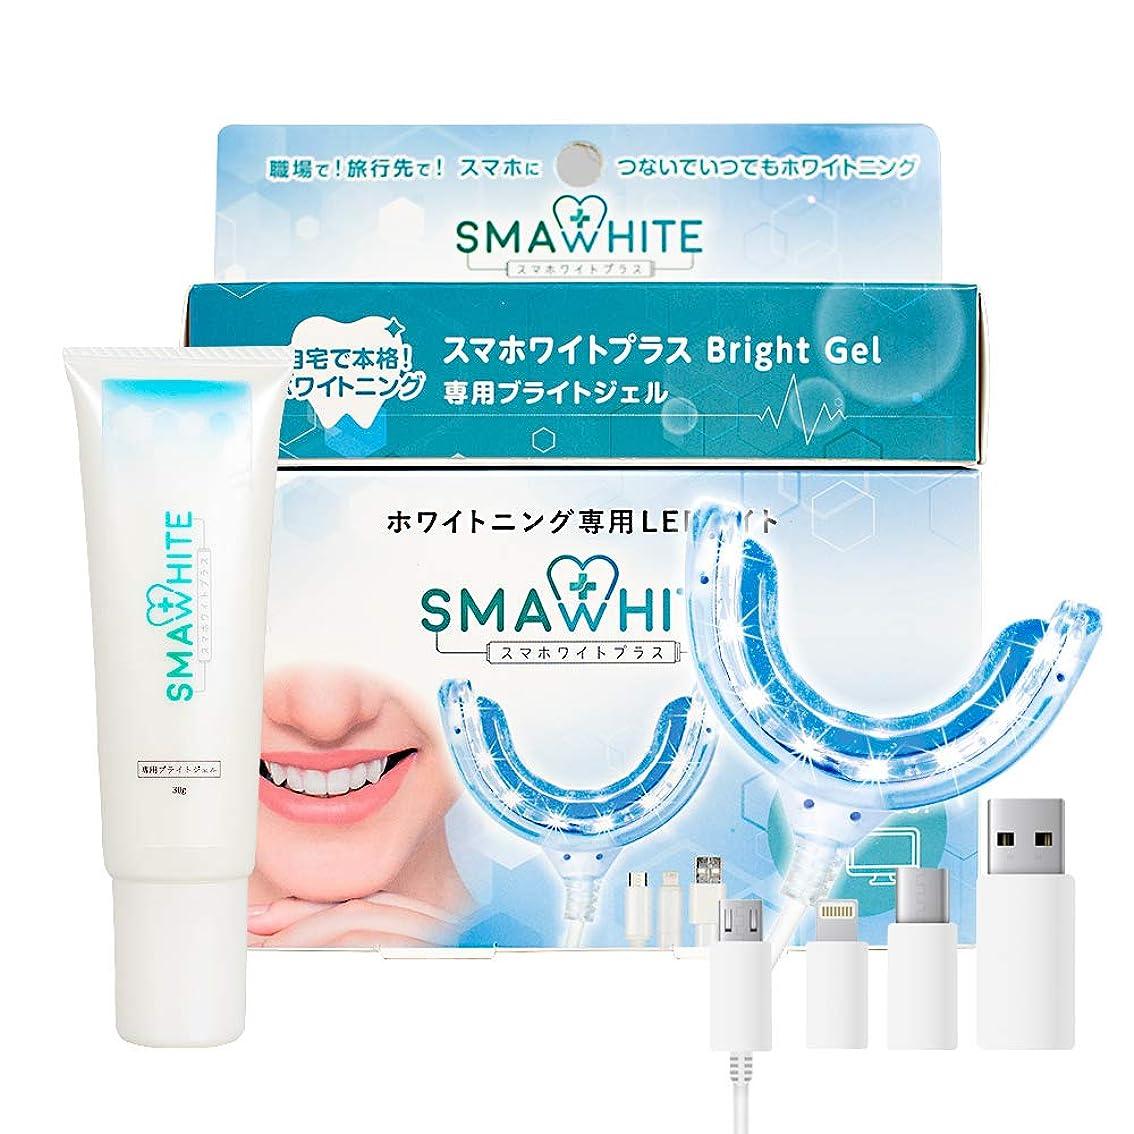 補充うそつき乳剤スマホワイトプラス(SMAWHITE+) ホワイトニングキット LEDマウスピース+専用ジェル30g 初めての方向けセット 自宅で簡単 歯のセルフホワイトニング [一般医療機器]